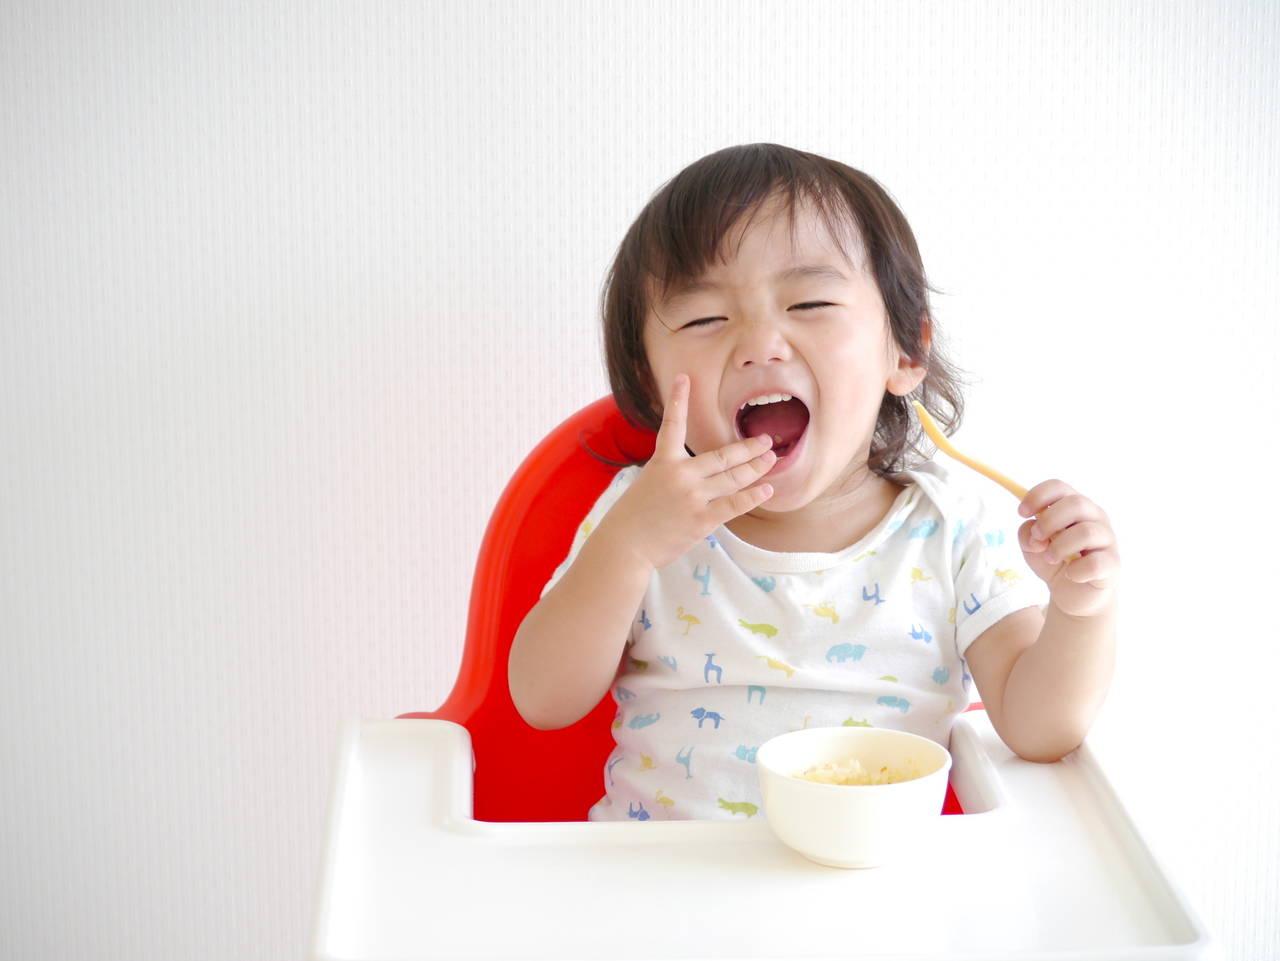 スプーンを使うとこぼす2歳児!上手に食べられるようになる工夫